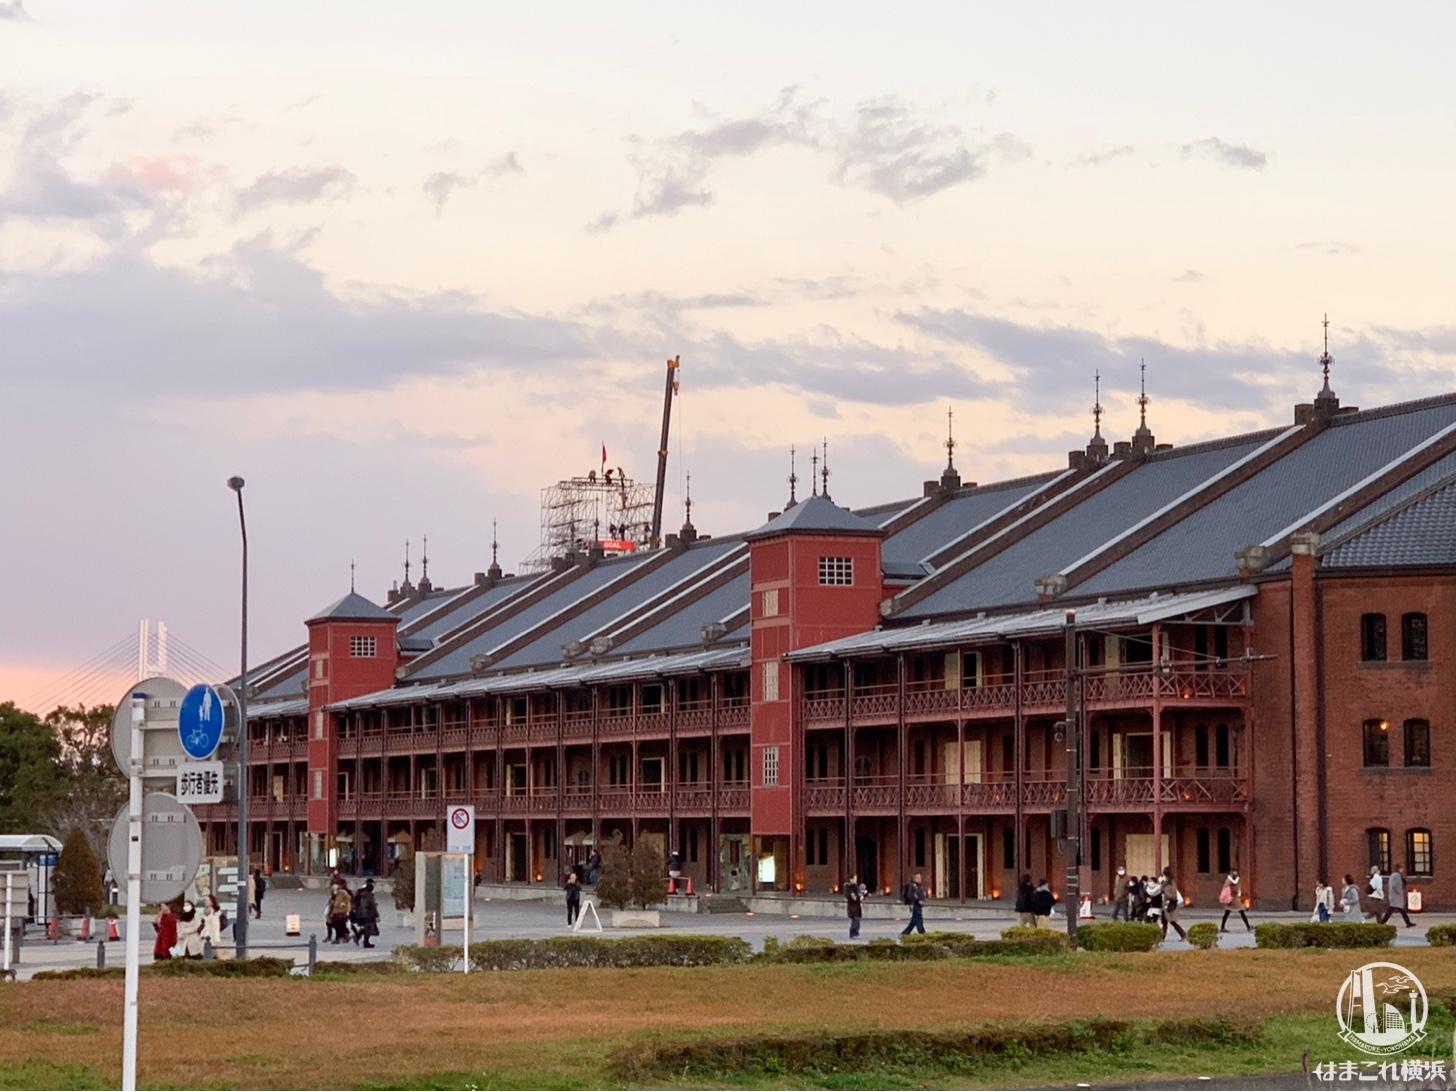 横浜赤レンガ倉庫の屋根から覗くタワー